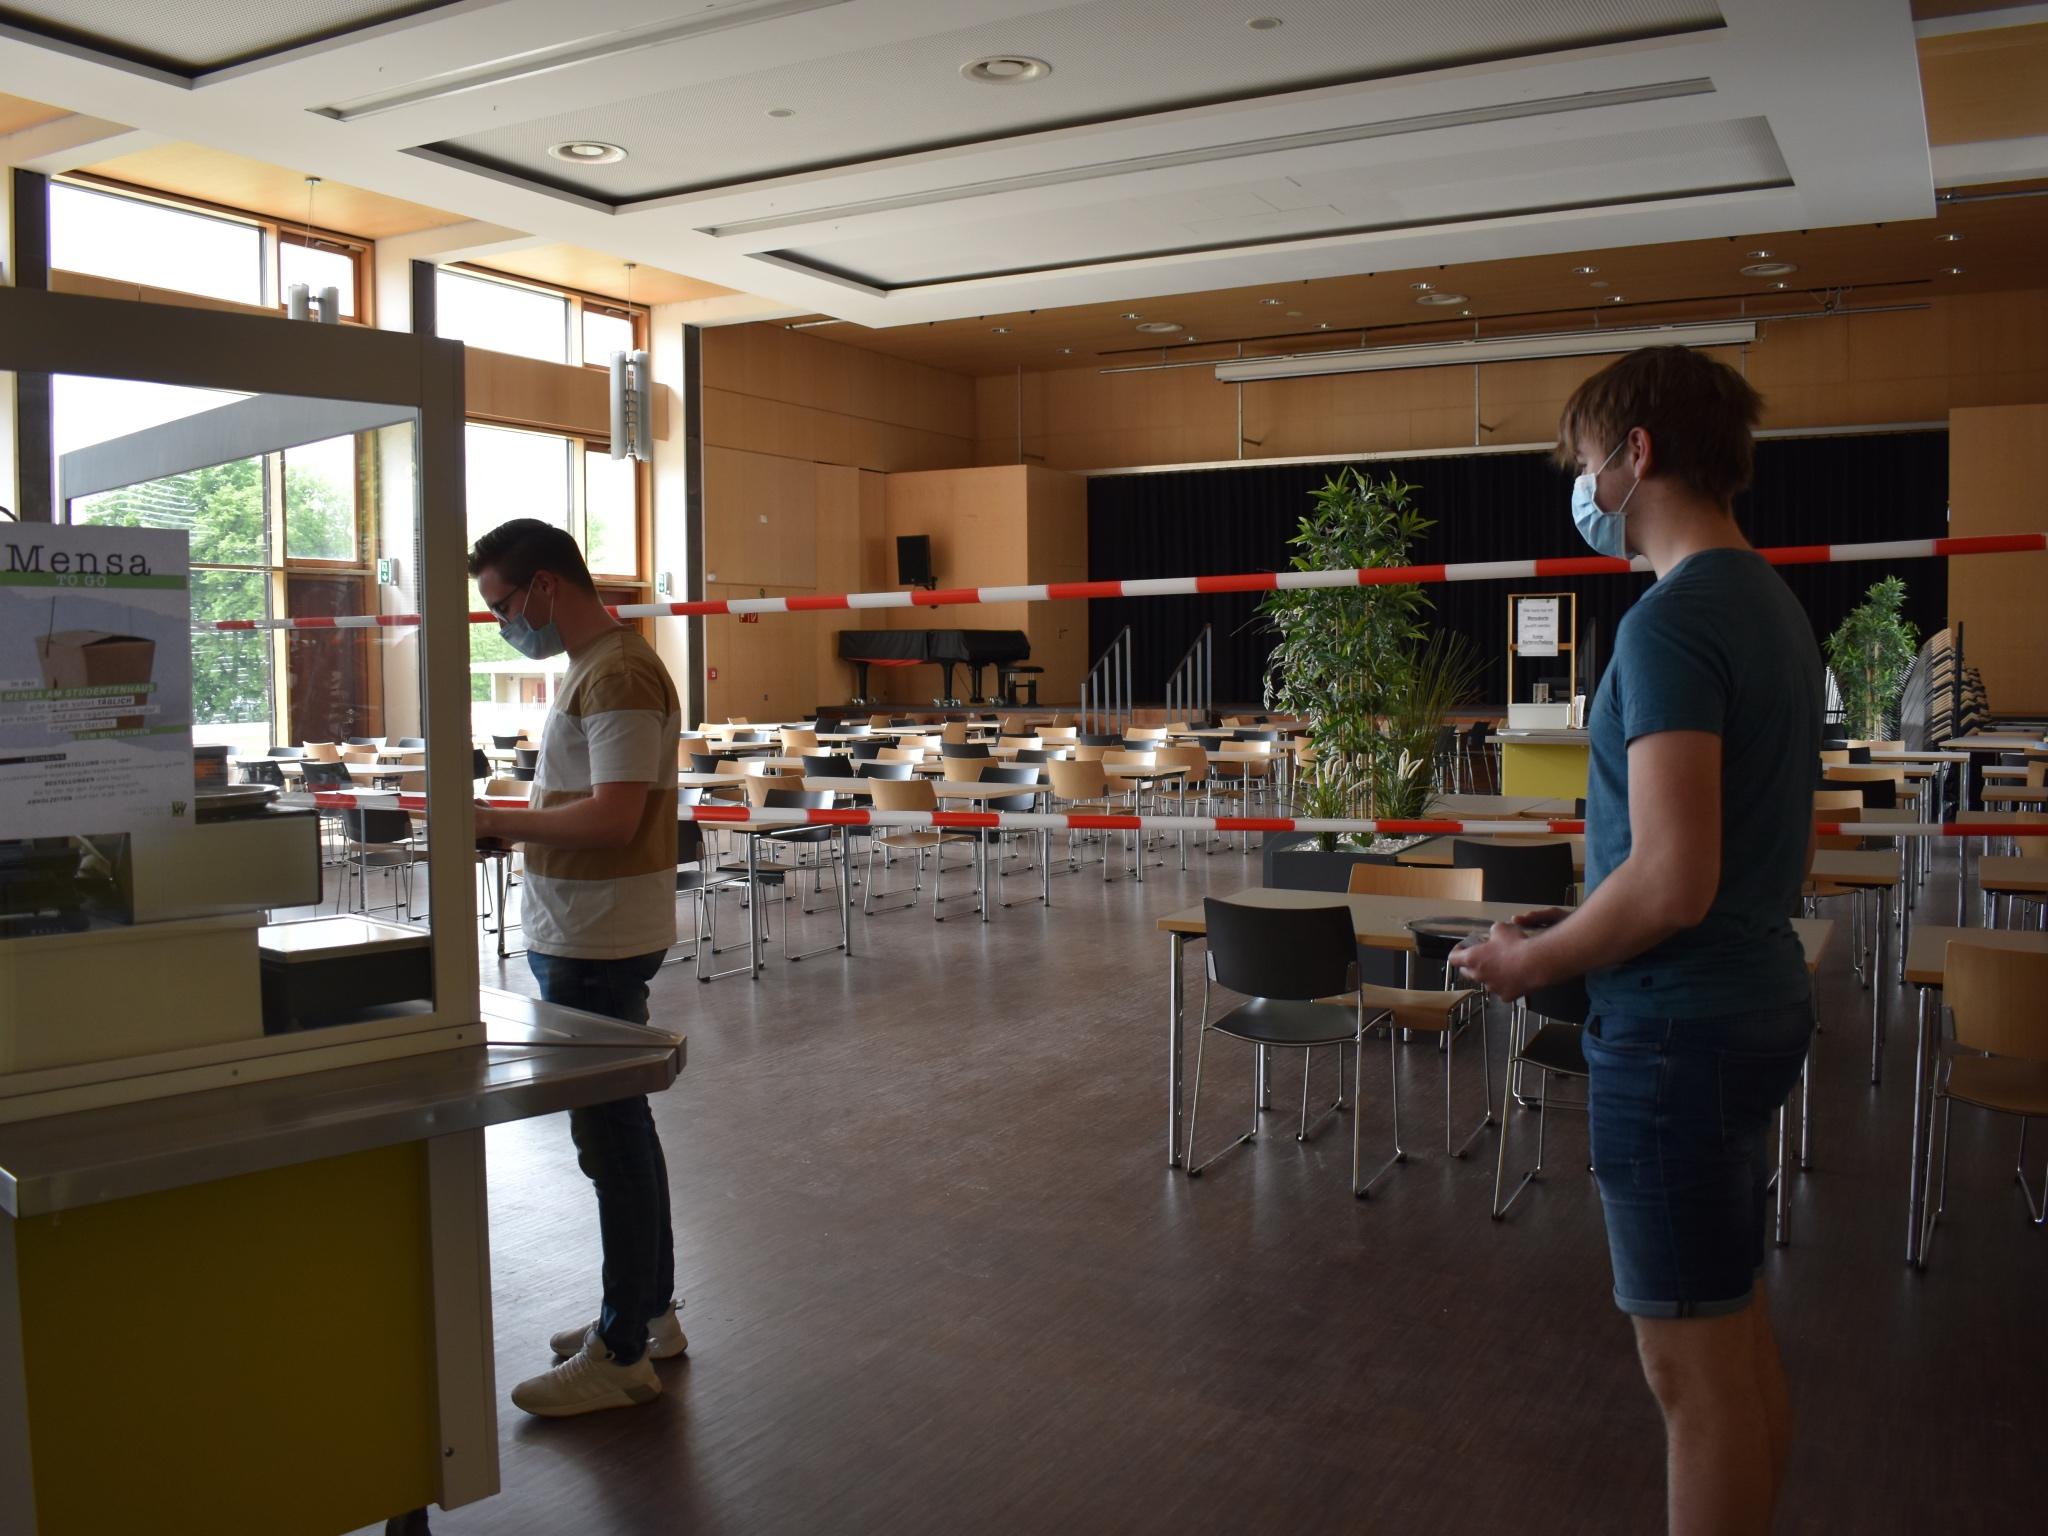 Abstandsregelungen sind auch in der Mensa einzuhalten. Foto: Studentenwerk Würzburg